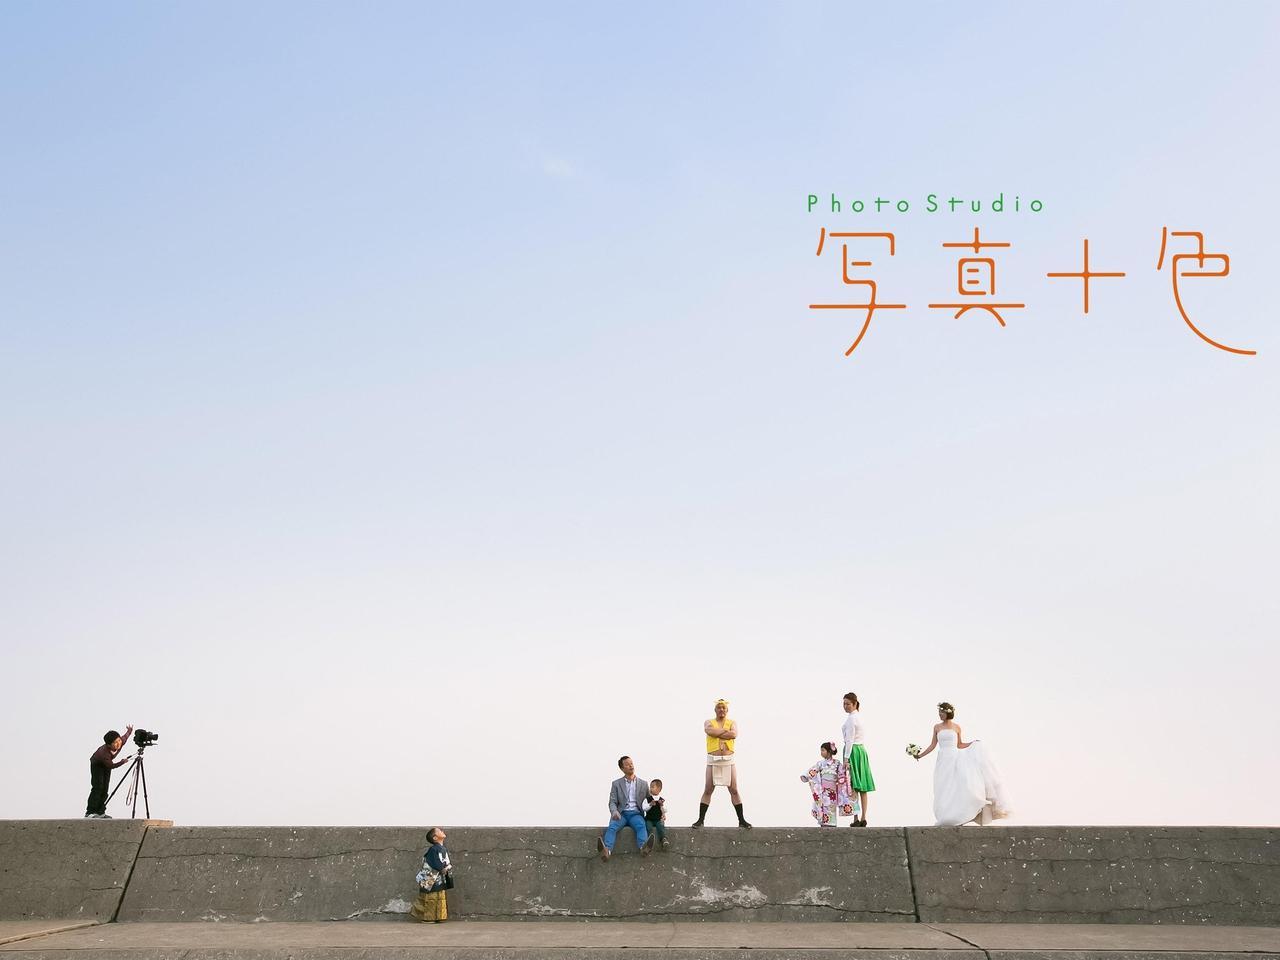 【姫路】ナチュラルからフォーマルまで!オールマイティーな写真館|フォトスタジオ写真十色